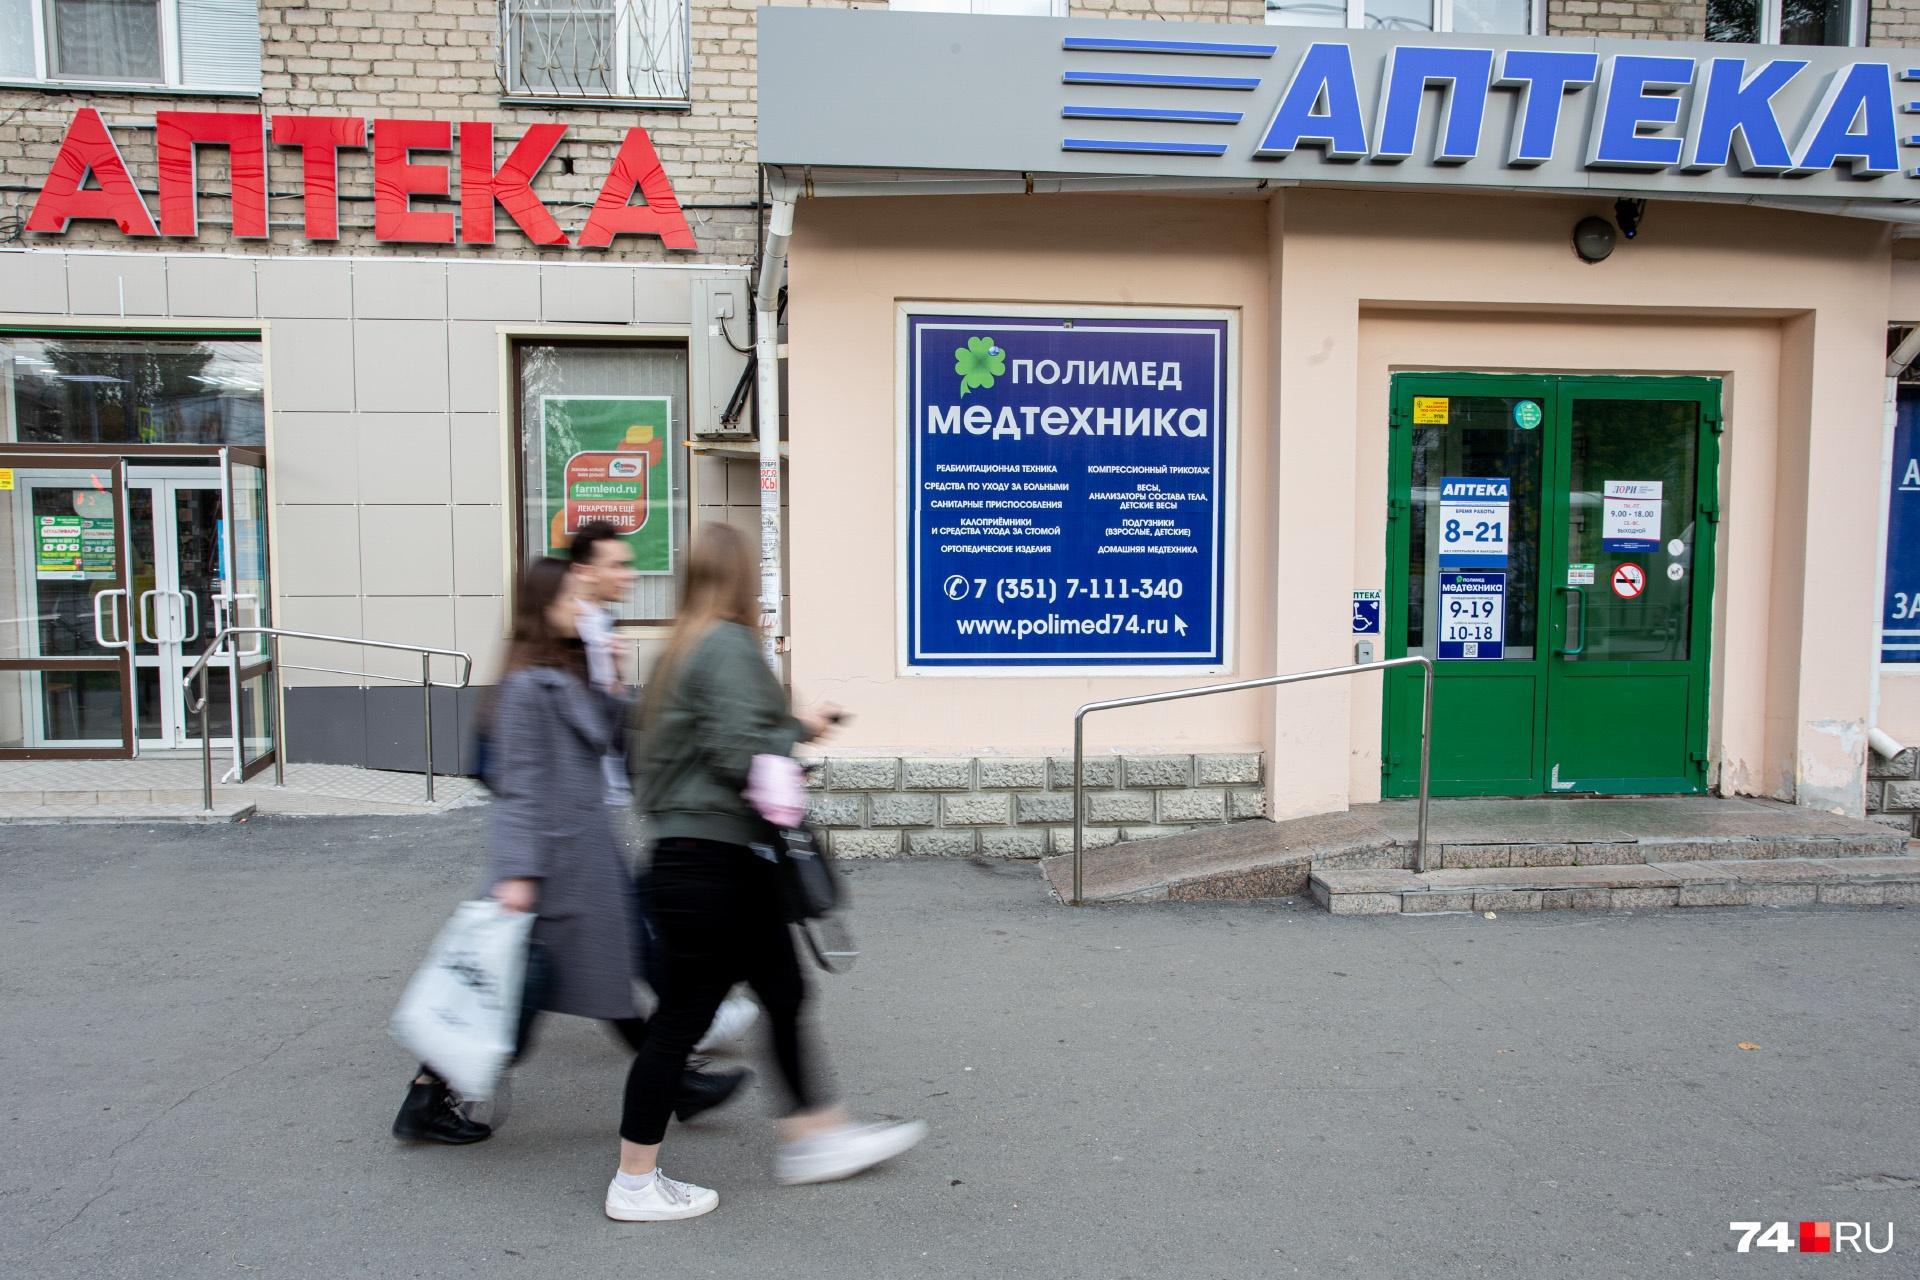 Ещё аптека — и снова нулевой результат